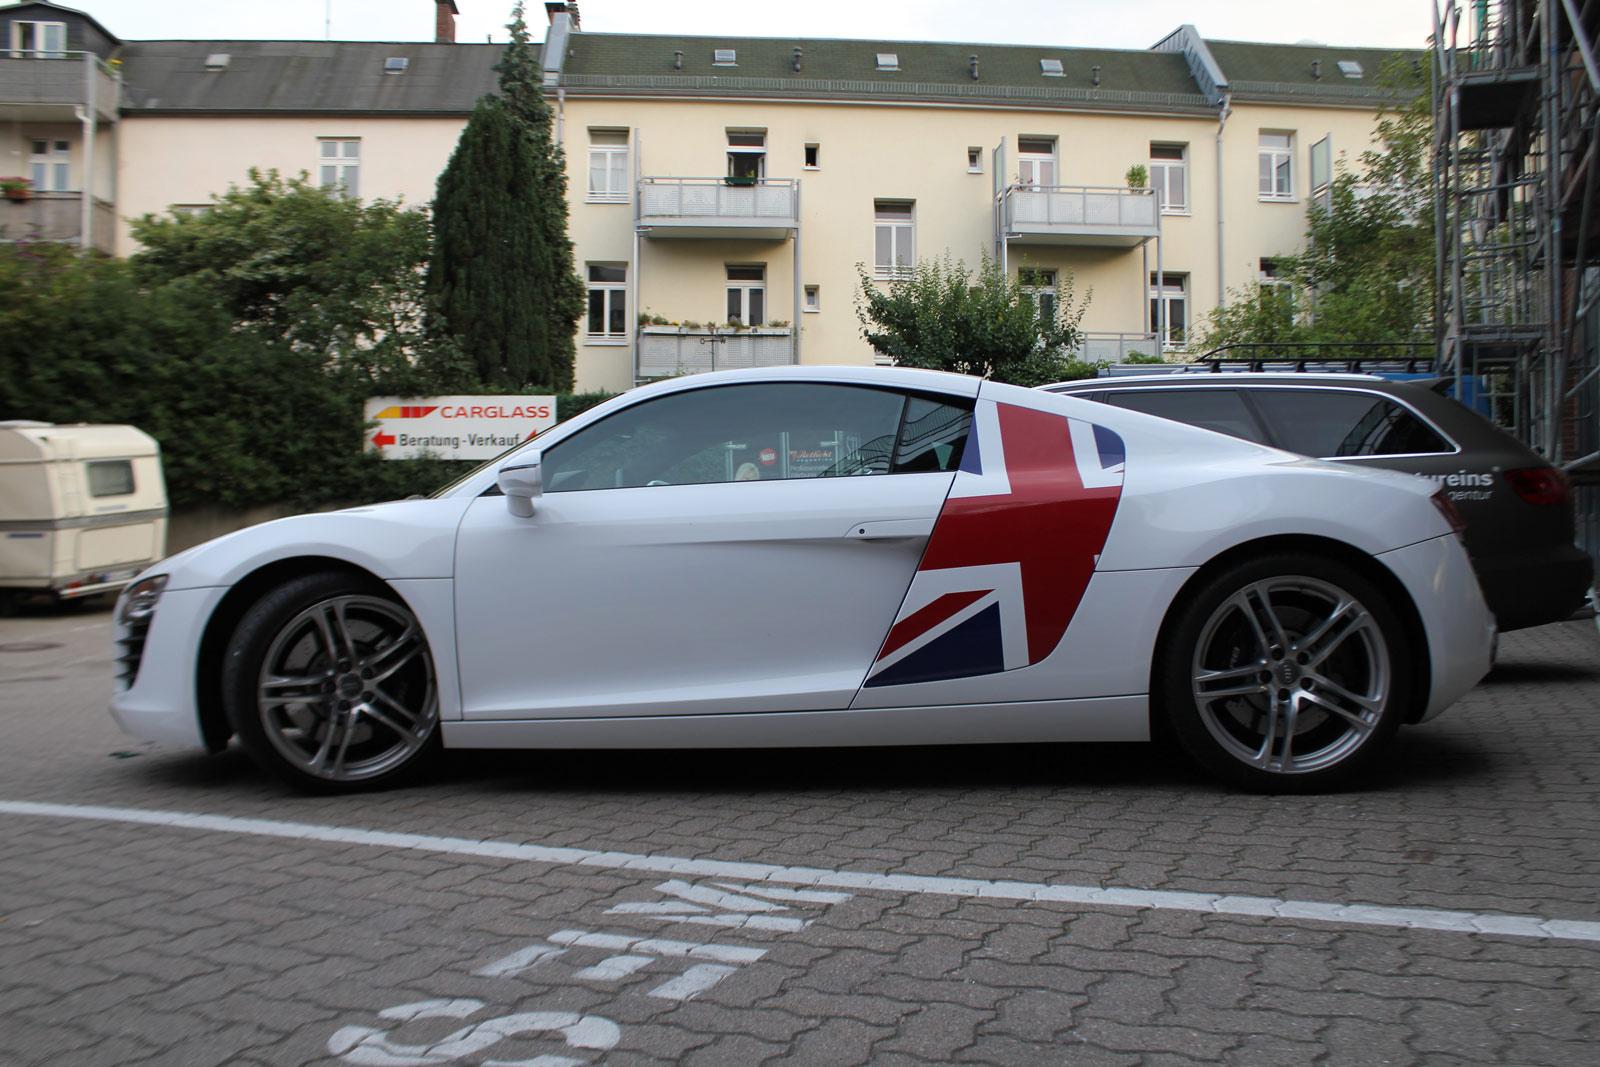 Audi_R8_Folierung_Weiß_Glanz_Union_Jack_Flagge_30